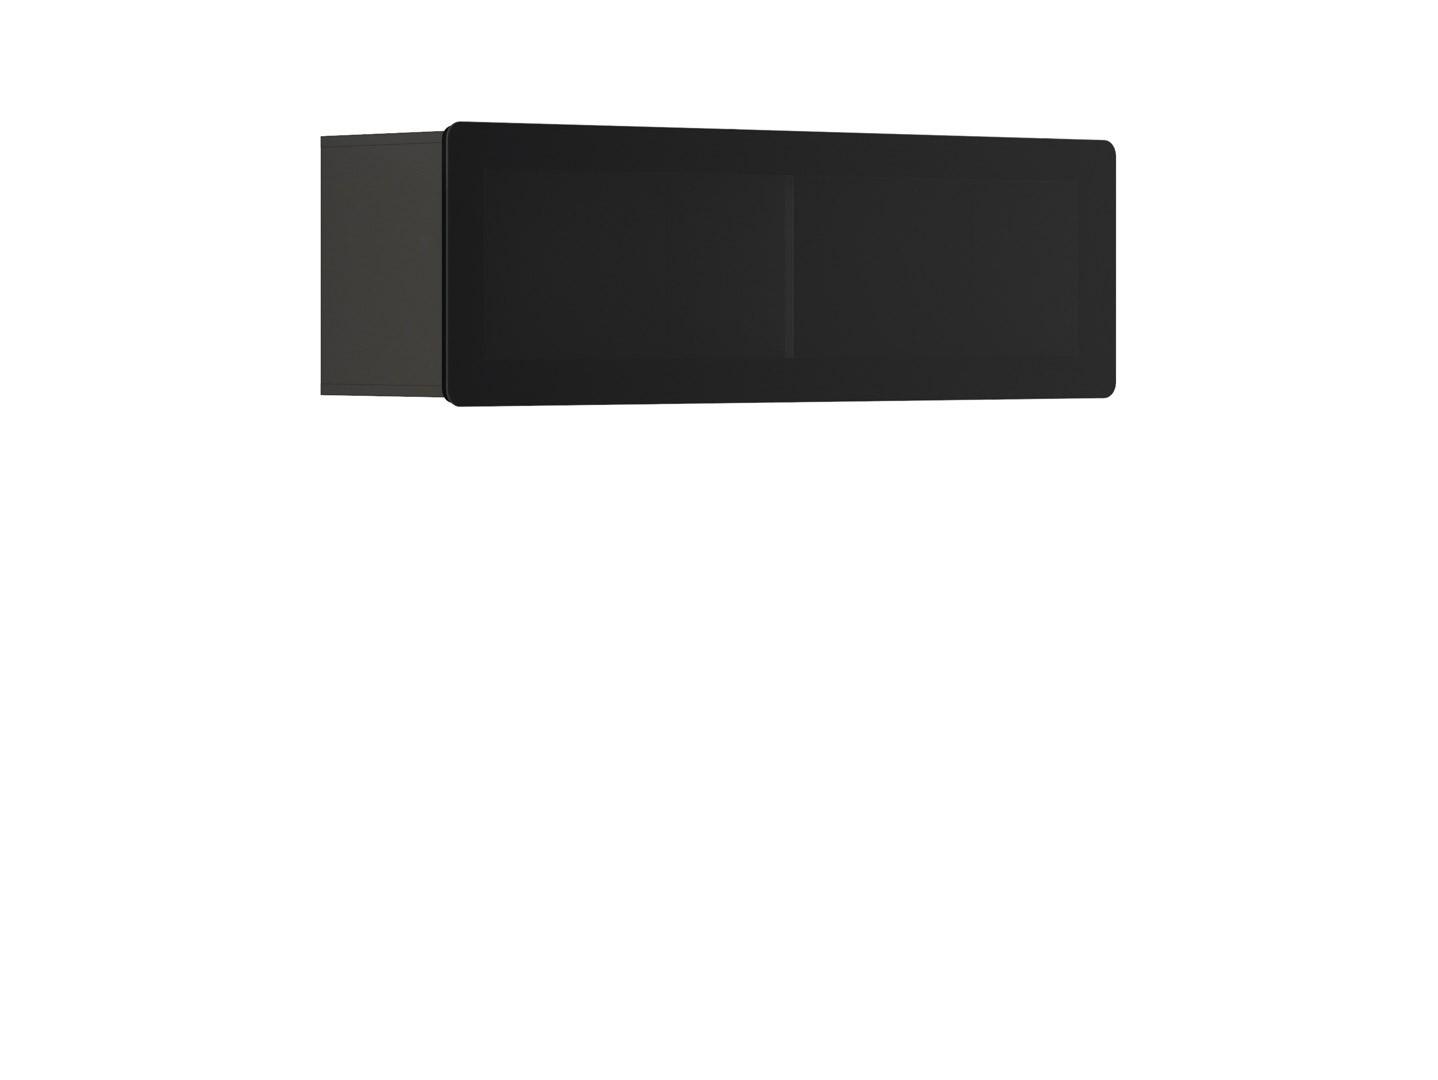 Vitrína na zeď - BRW - Possi Light - SFW1WK/4/13 (šedý wolfram) (s osvětlením)